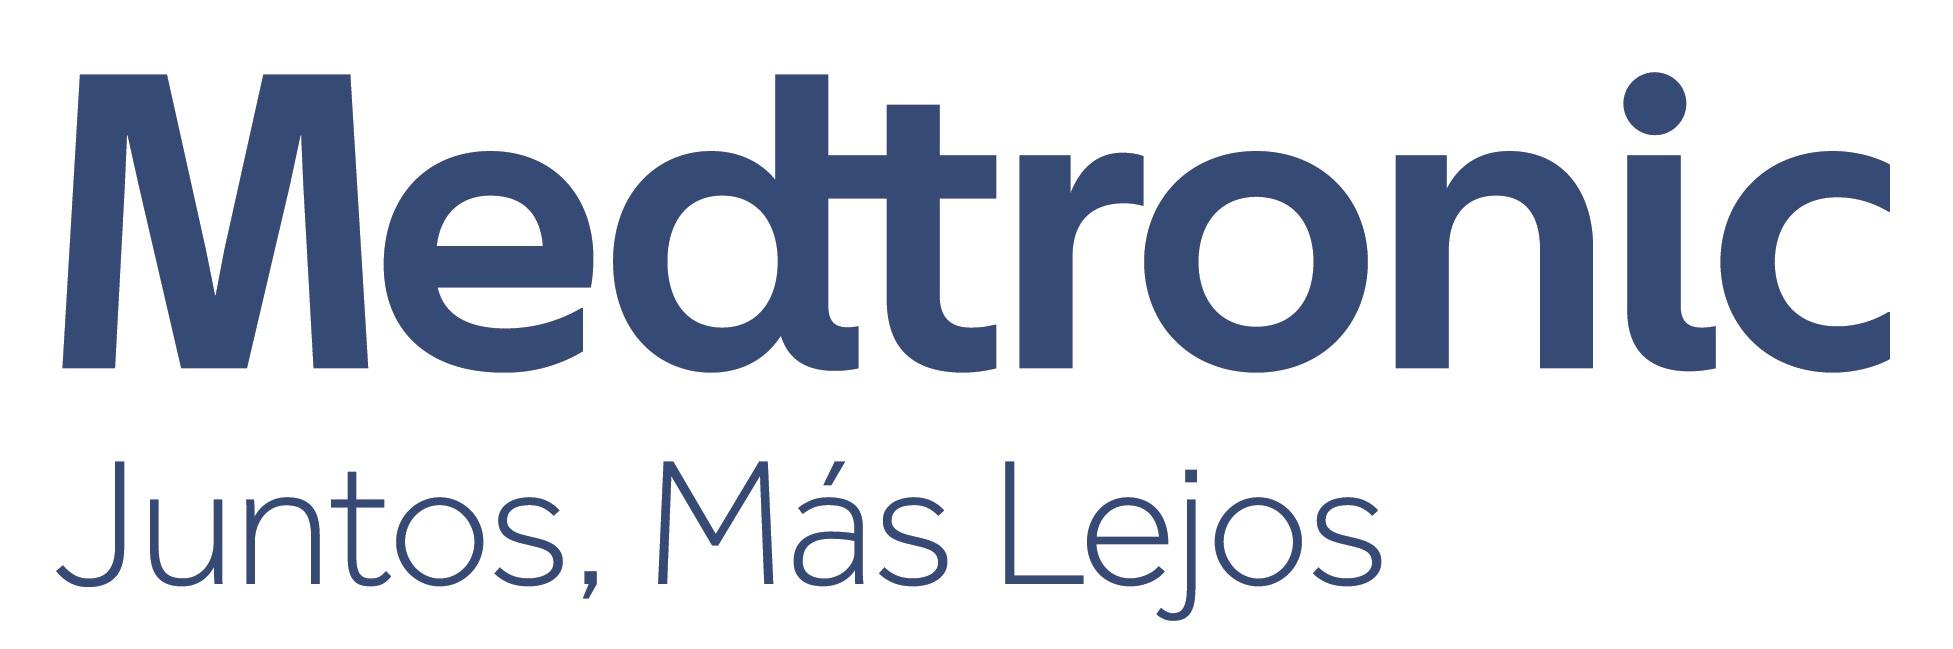 MDT logo with spanish tagline.jpg